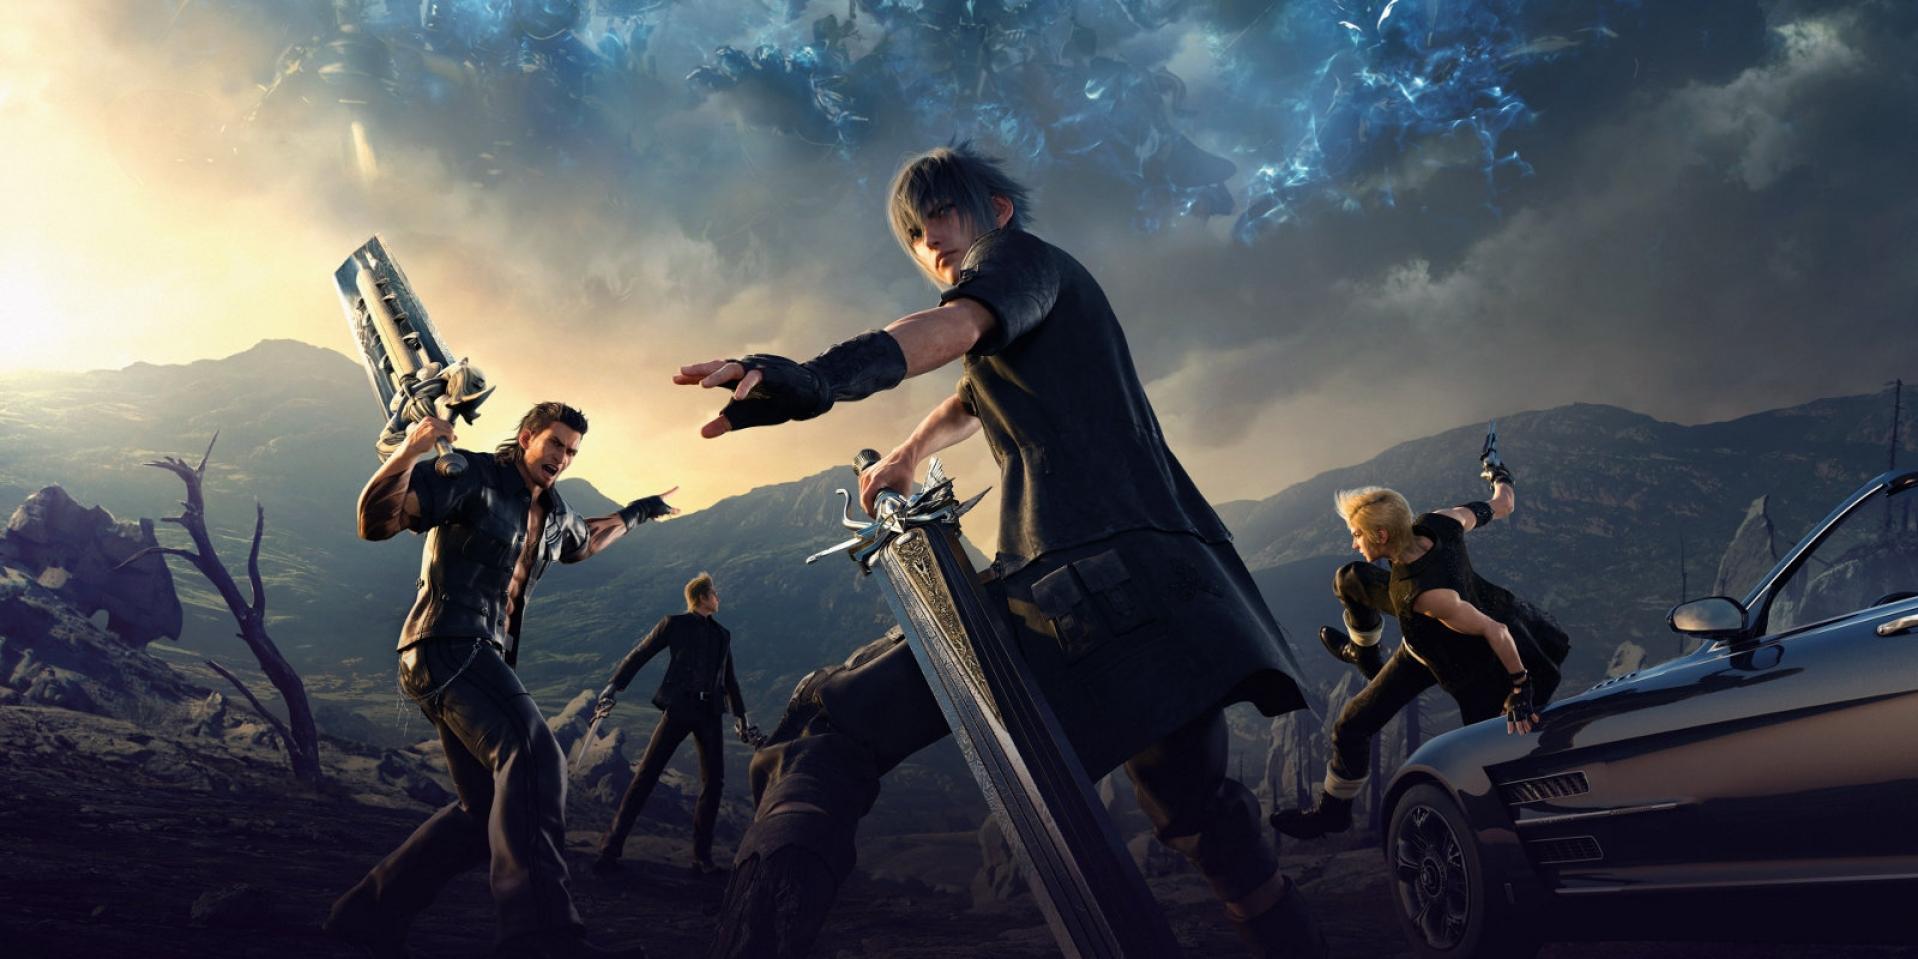 Final Fantasy XV Vulkan option appear on Steam database   OC3D News